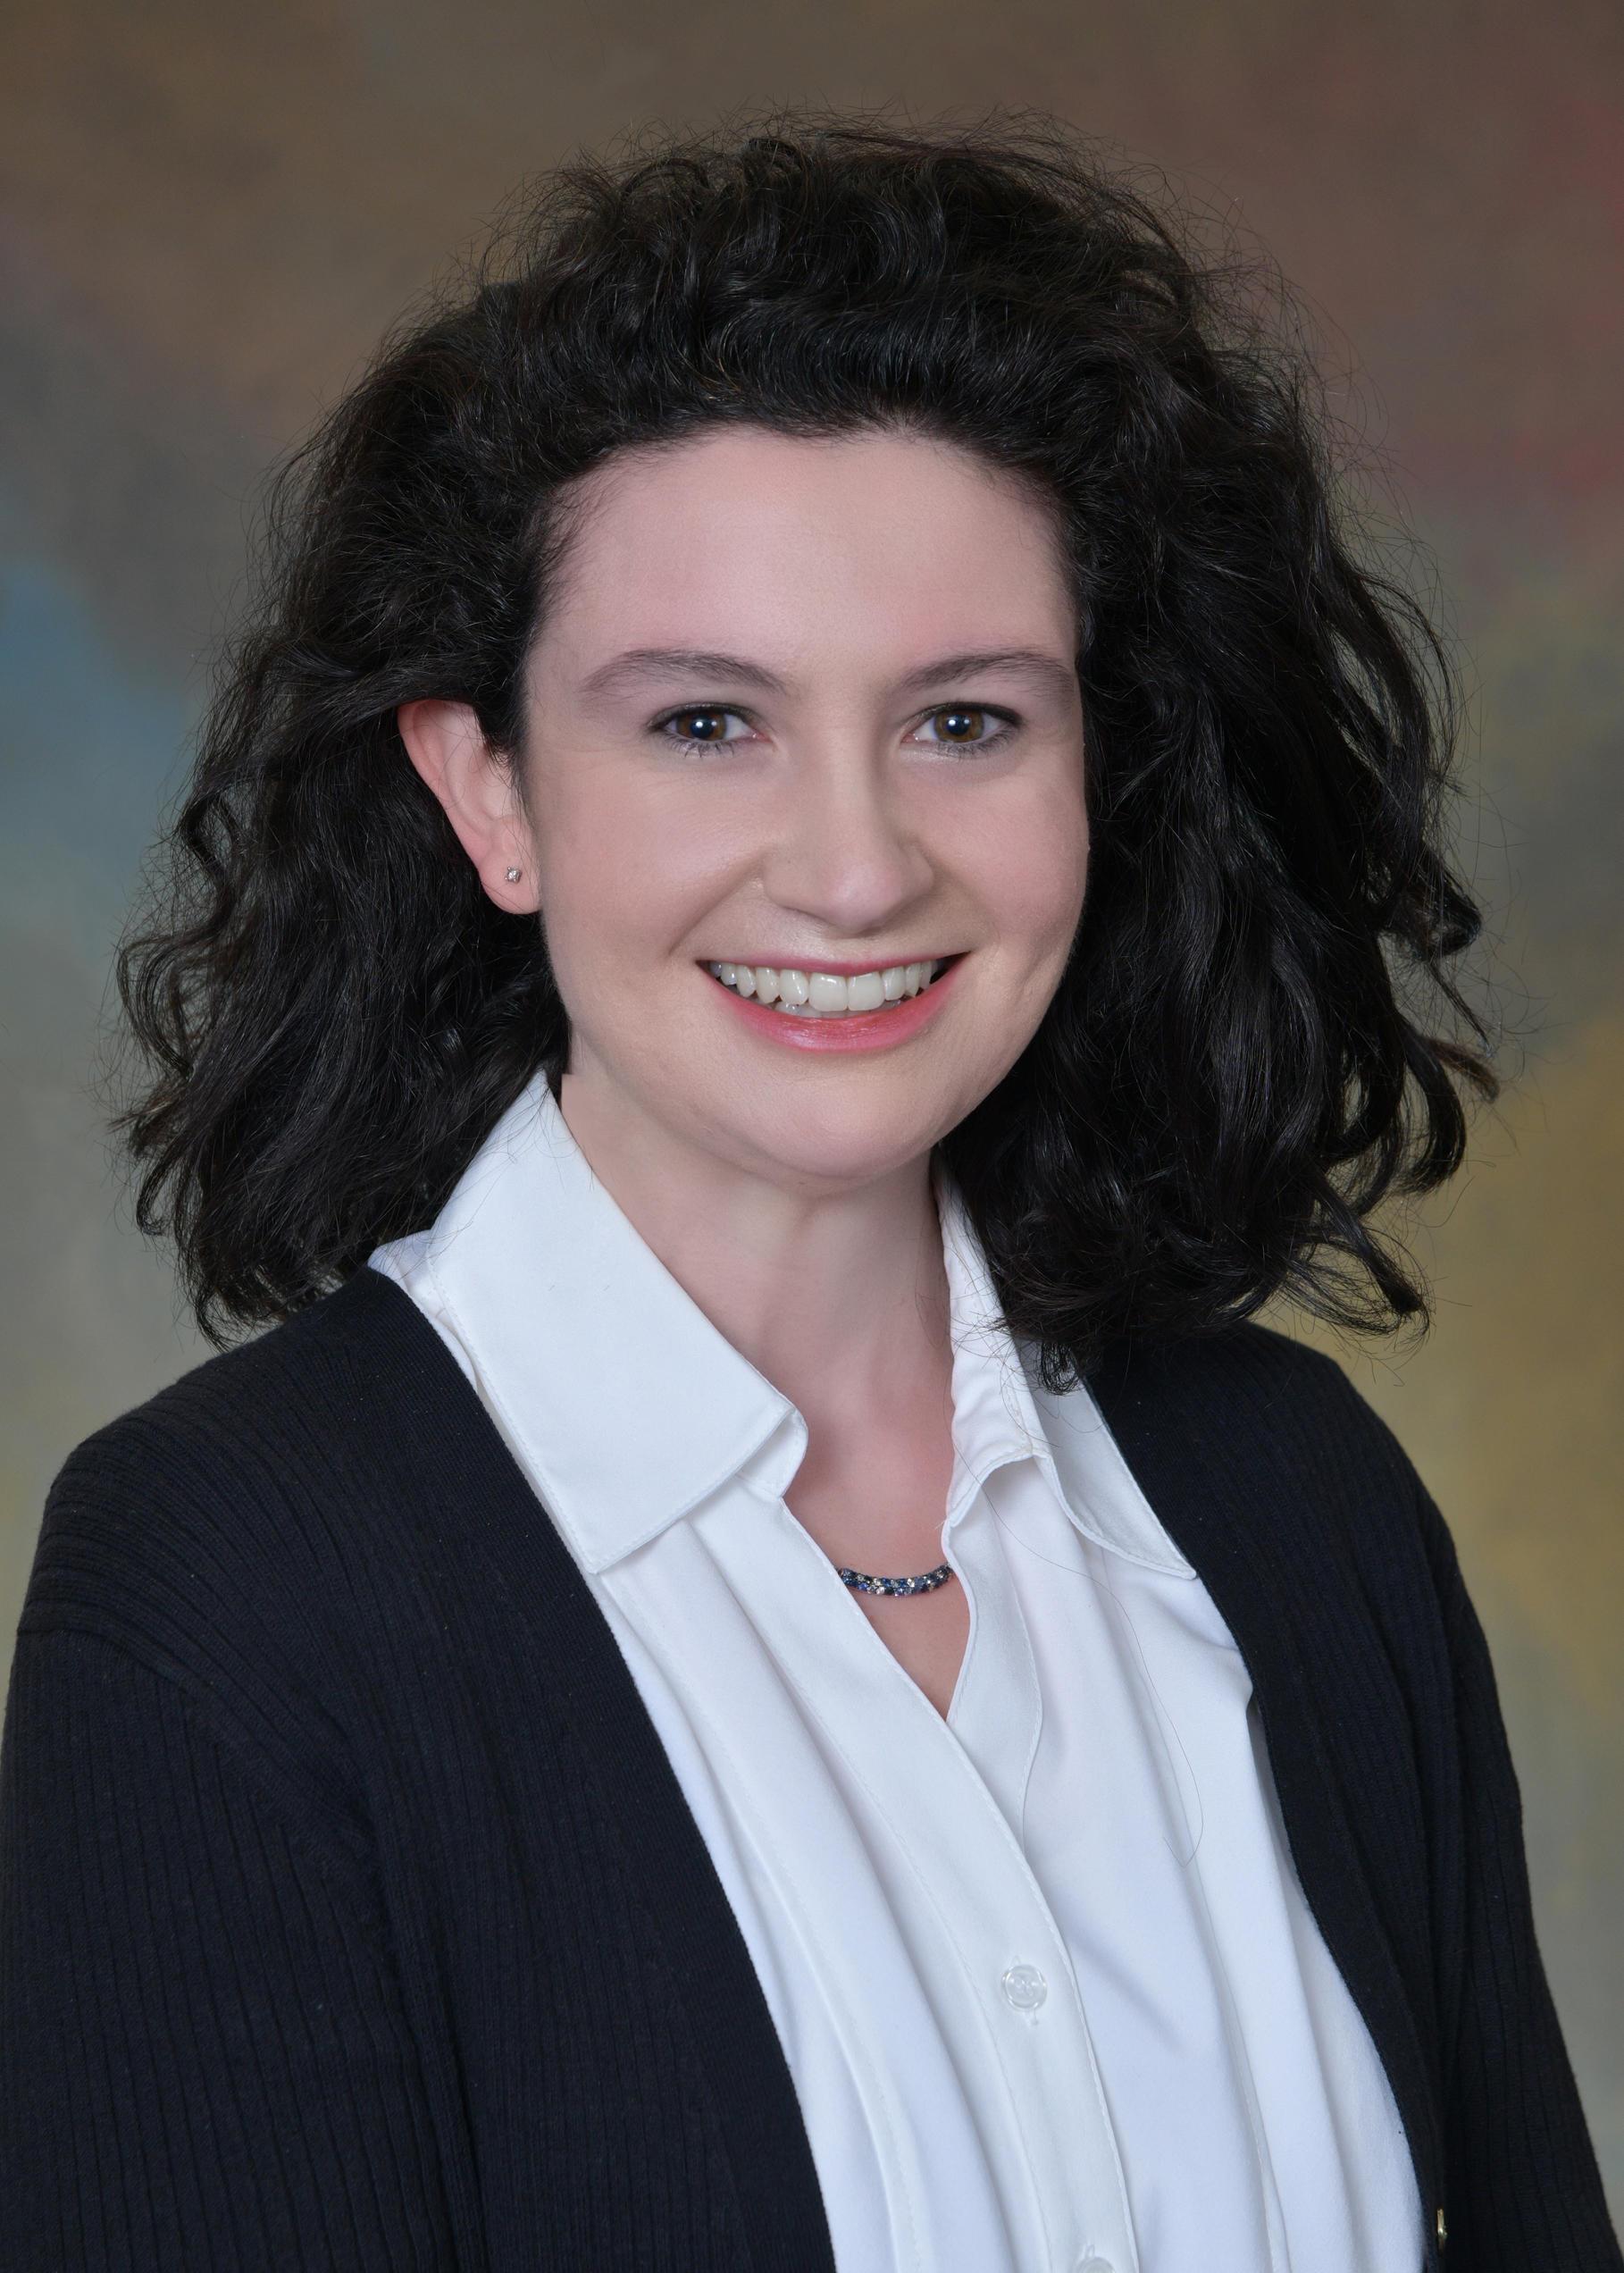 Rachel Mendelsohn, MS, OTR/L